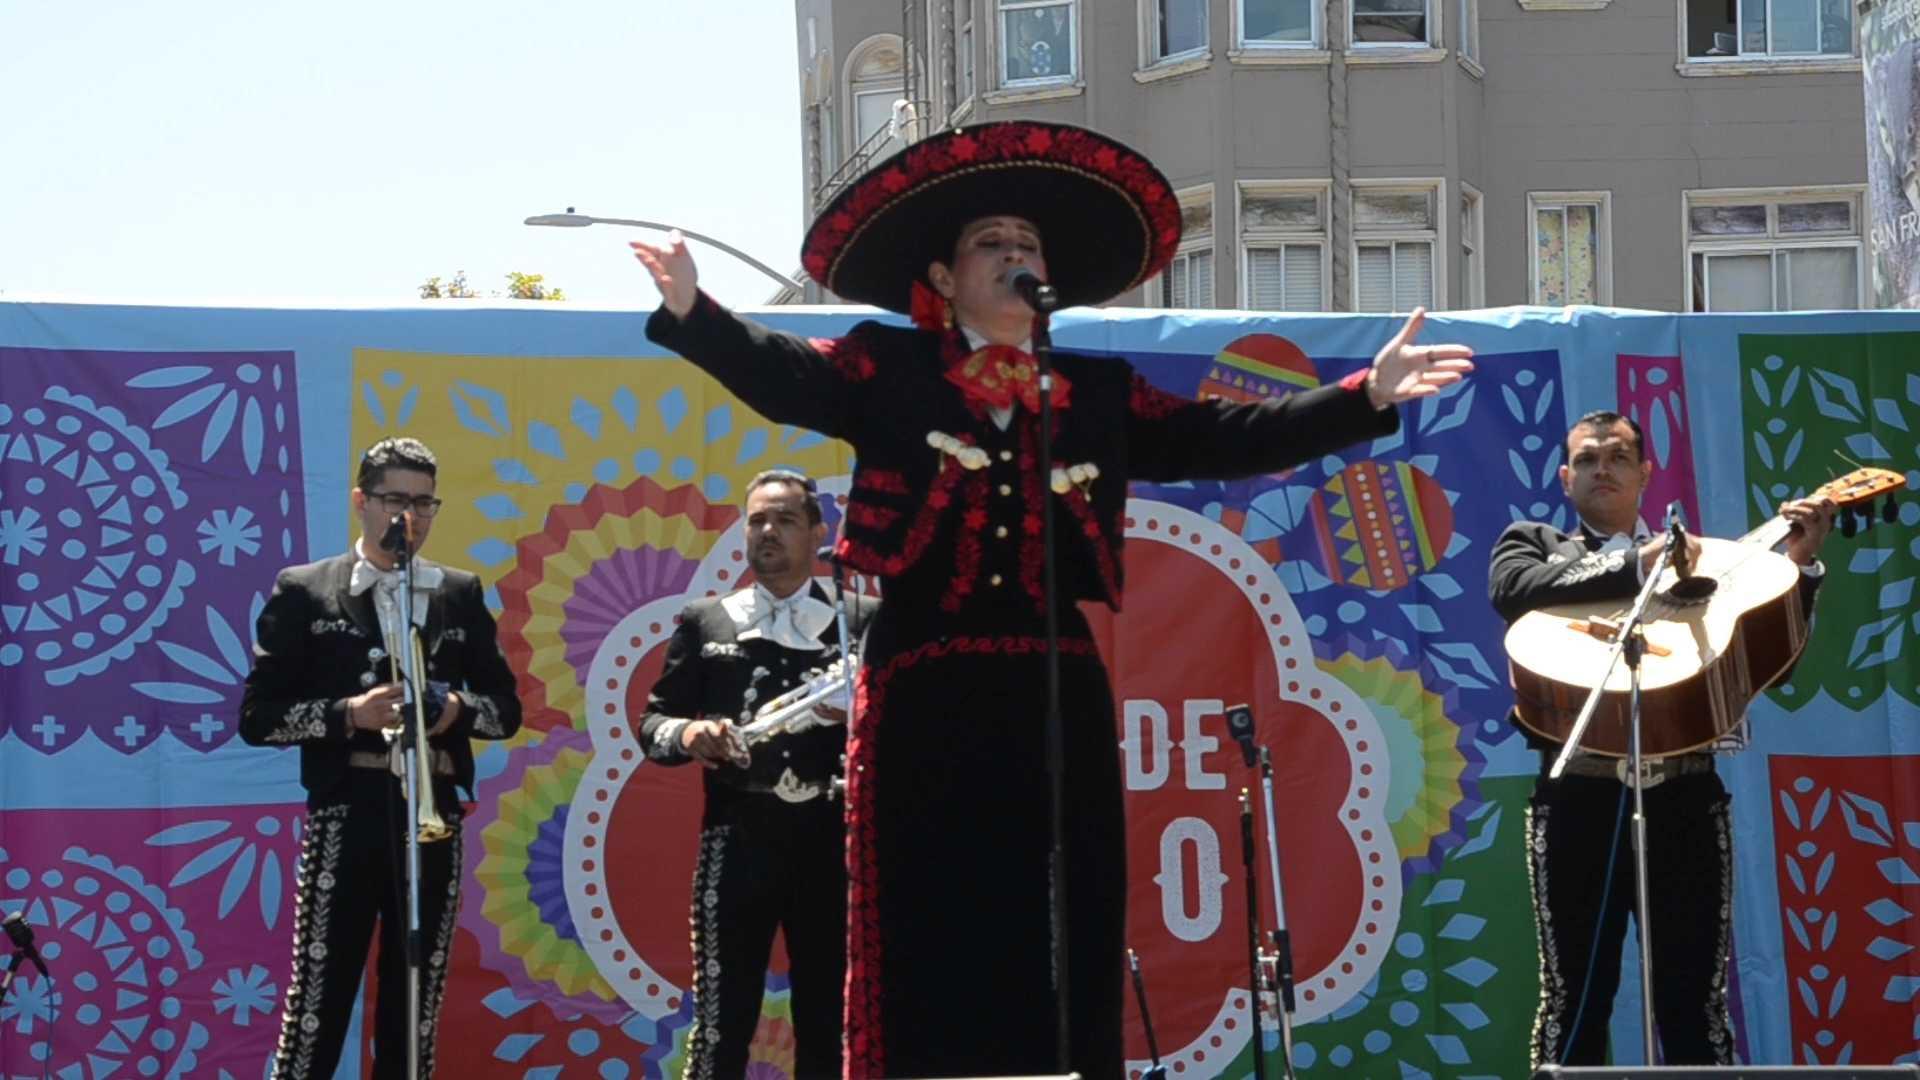 The 15th annual Cinco De Mayo Festival in the Mission